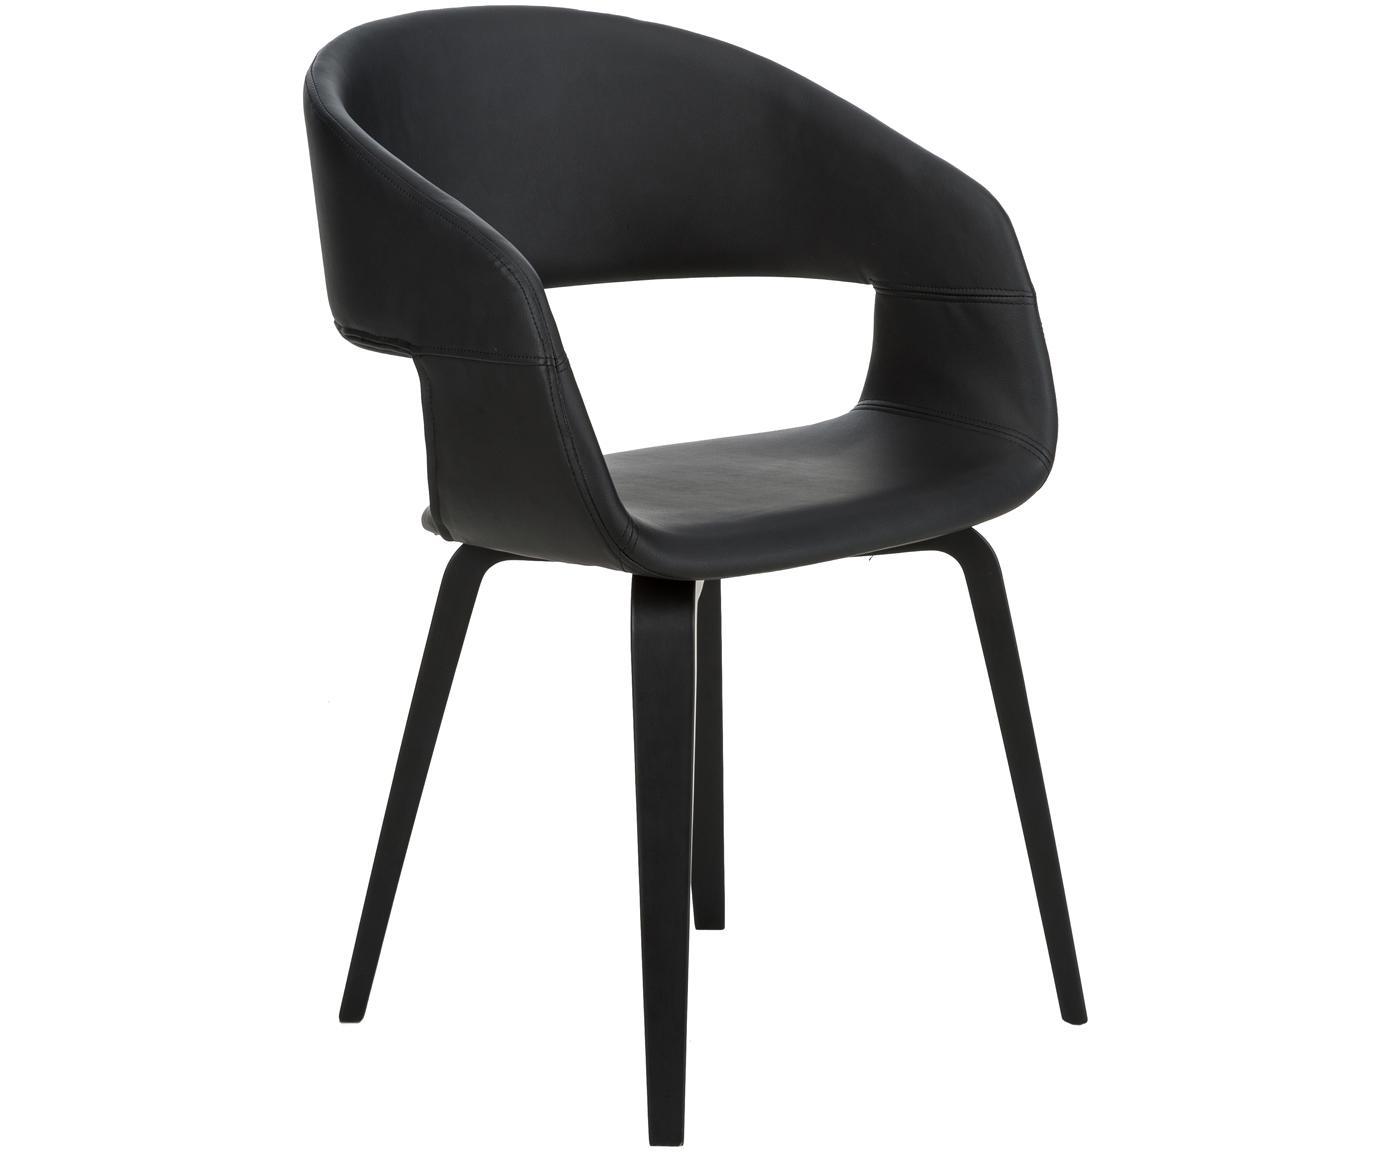 Krzesło z podłokietnikami ze sztucznej skóry  Nova, 2 szt., Nogi: drewno dębowe, lakierowan, Tapicerka: sztuczna skóra (poliureta, Czarny, S 50 x W 77 cm